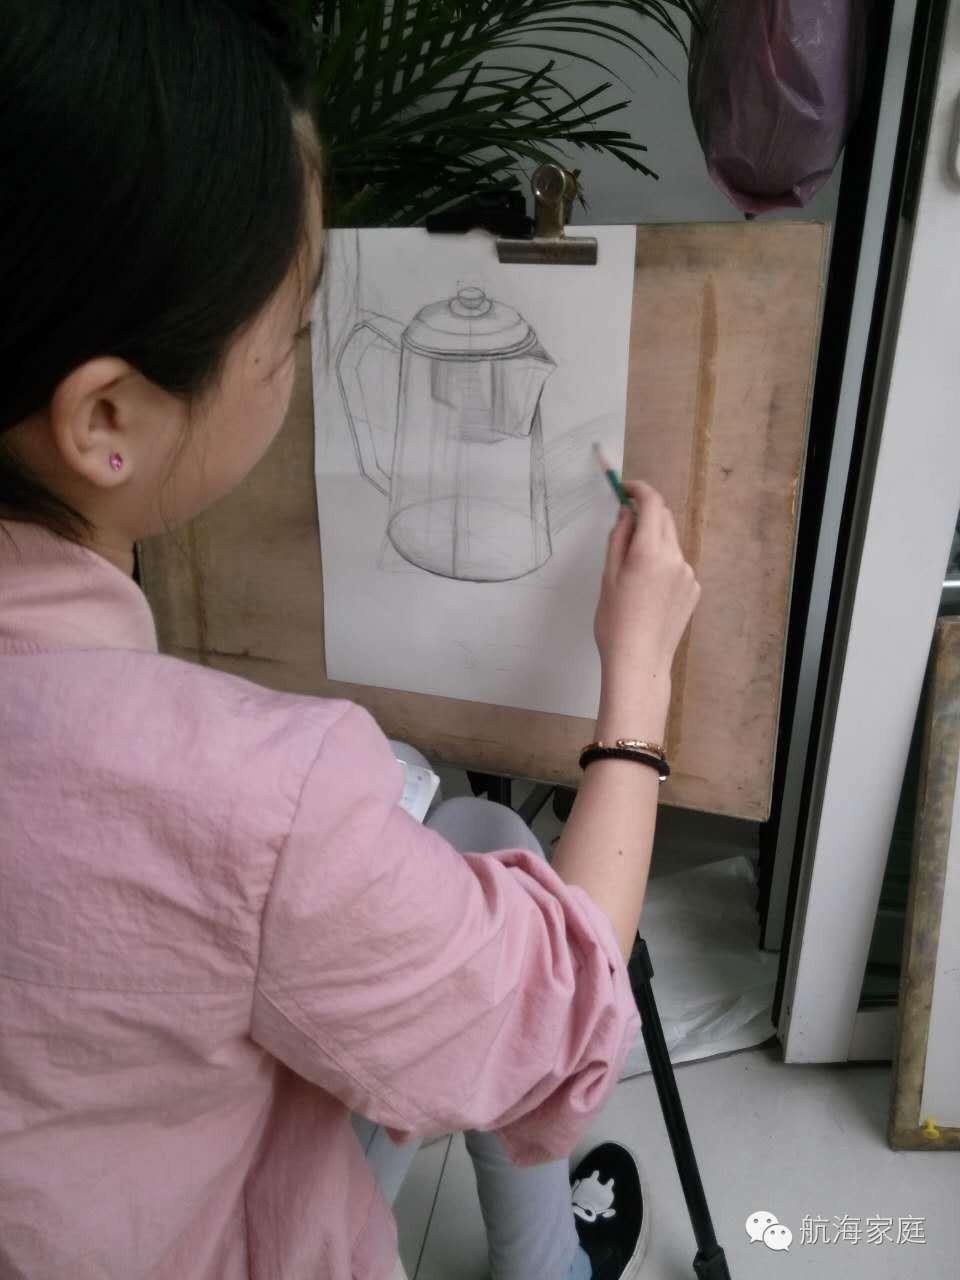 别人在上学,我在画画 effa39b5d2038e522501399955b7c8af.jpg